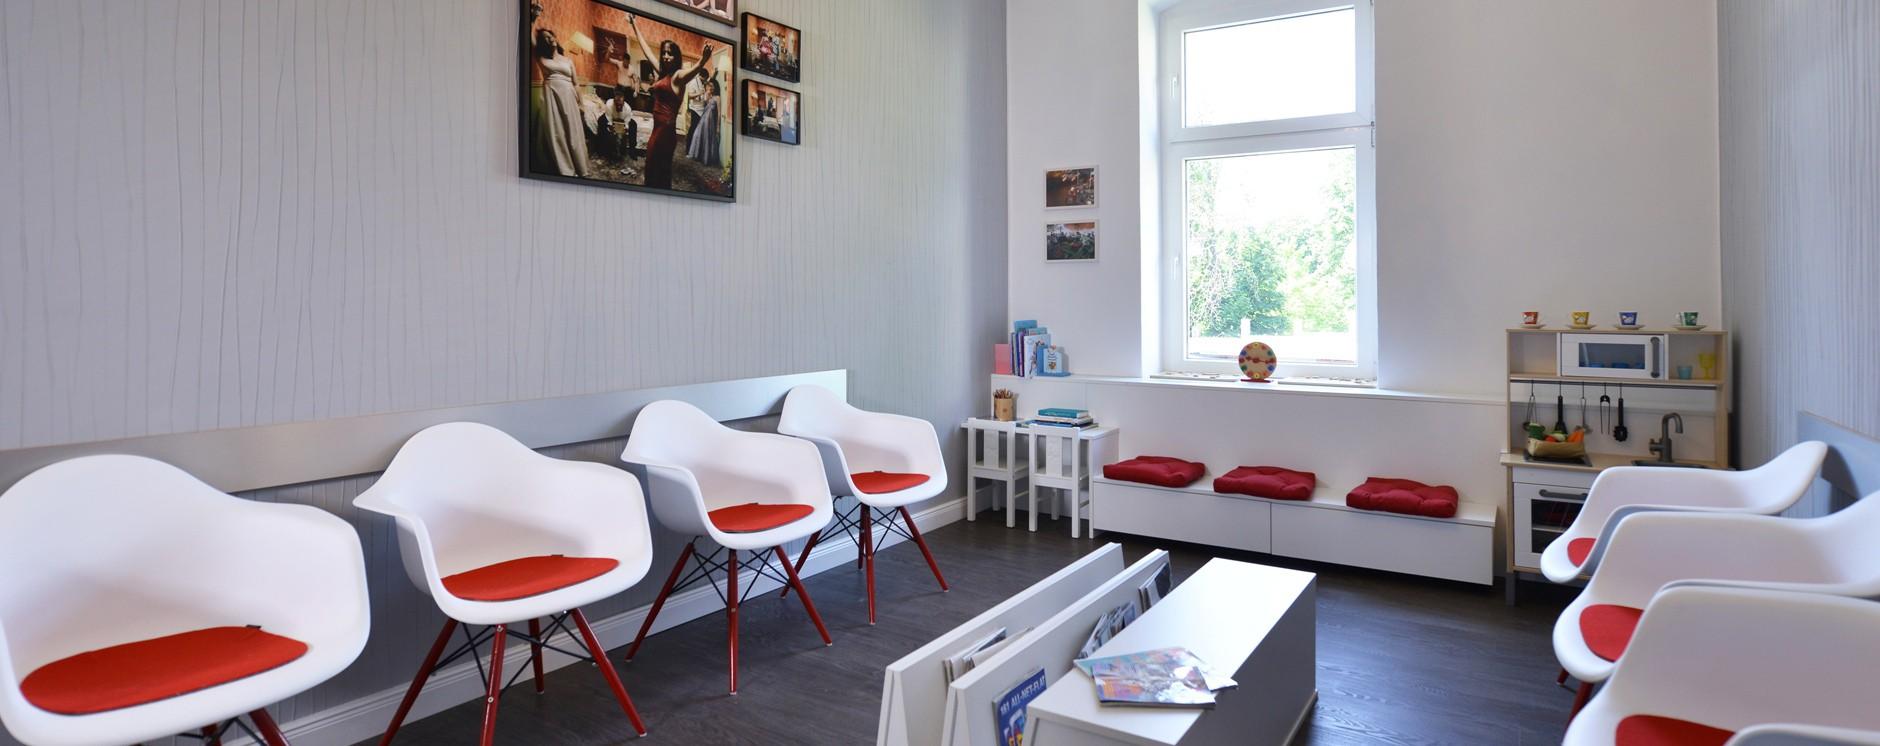 Wartezimmer - Zahnarzt Berlin Lichtenberg